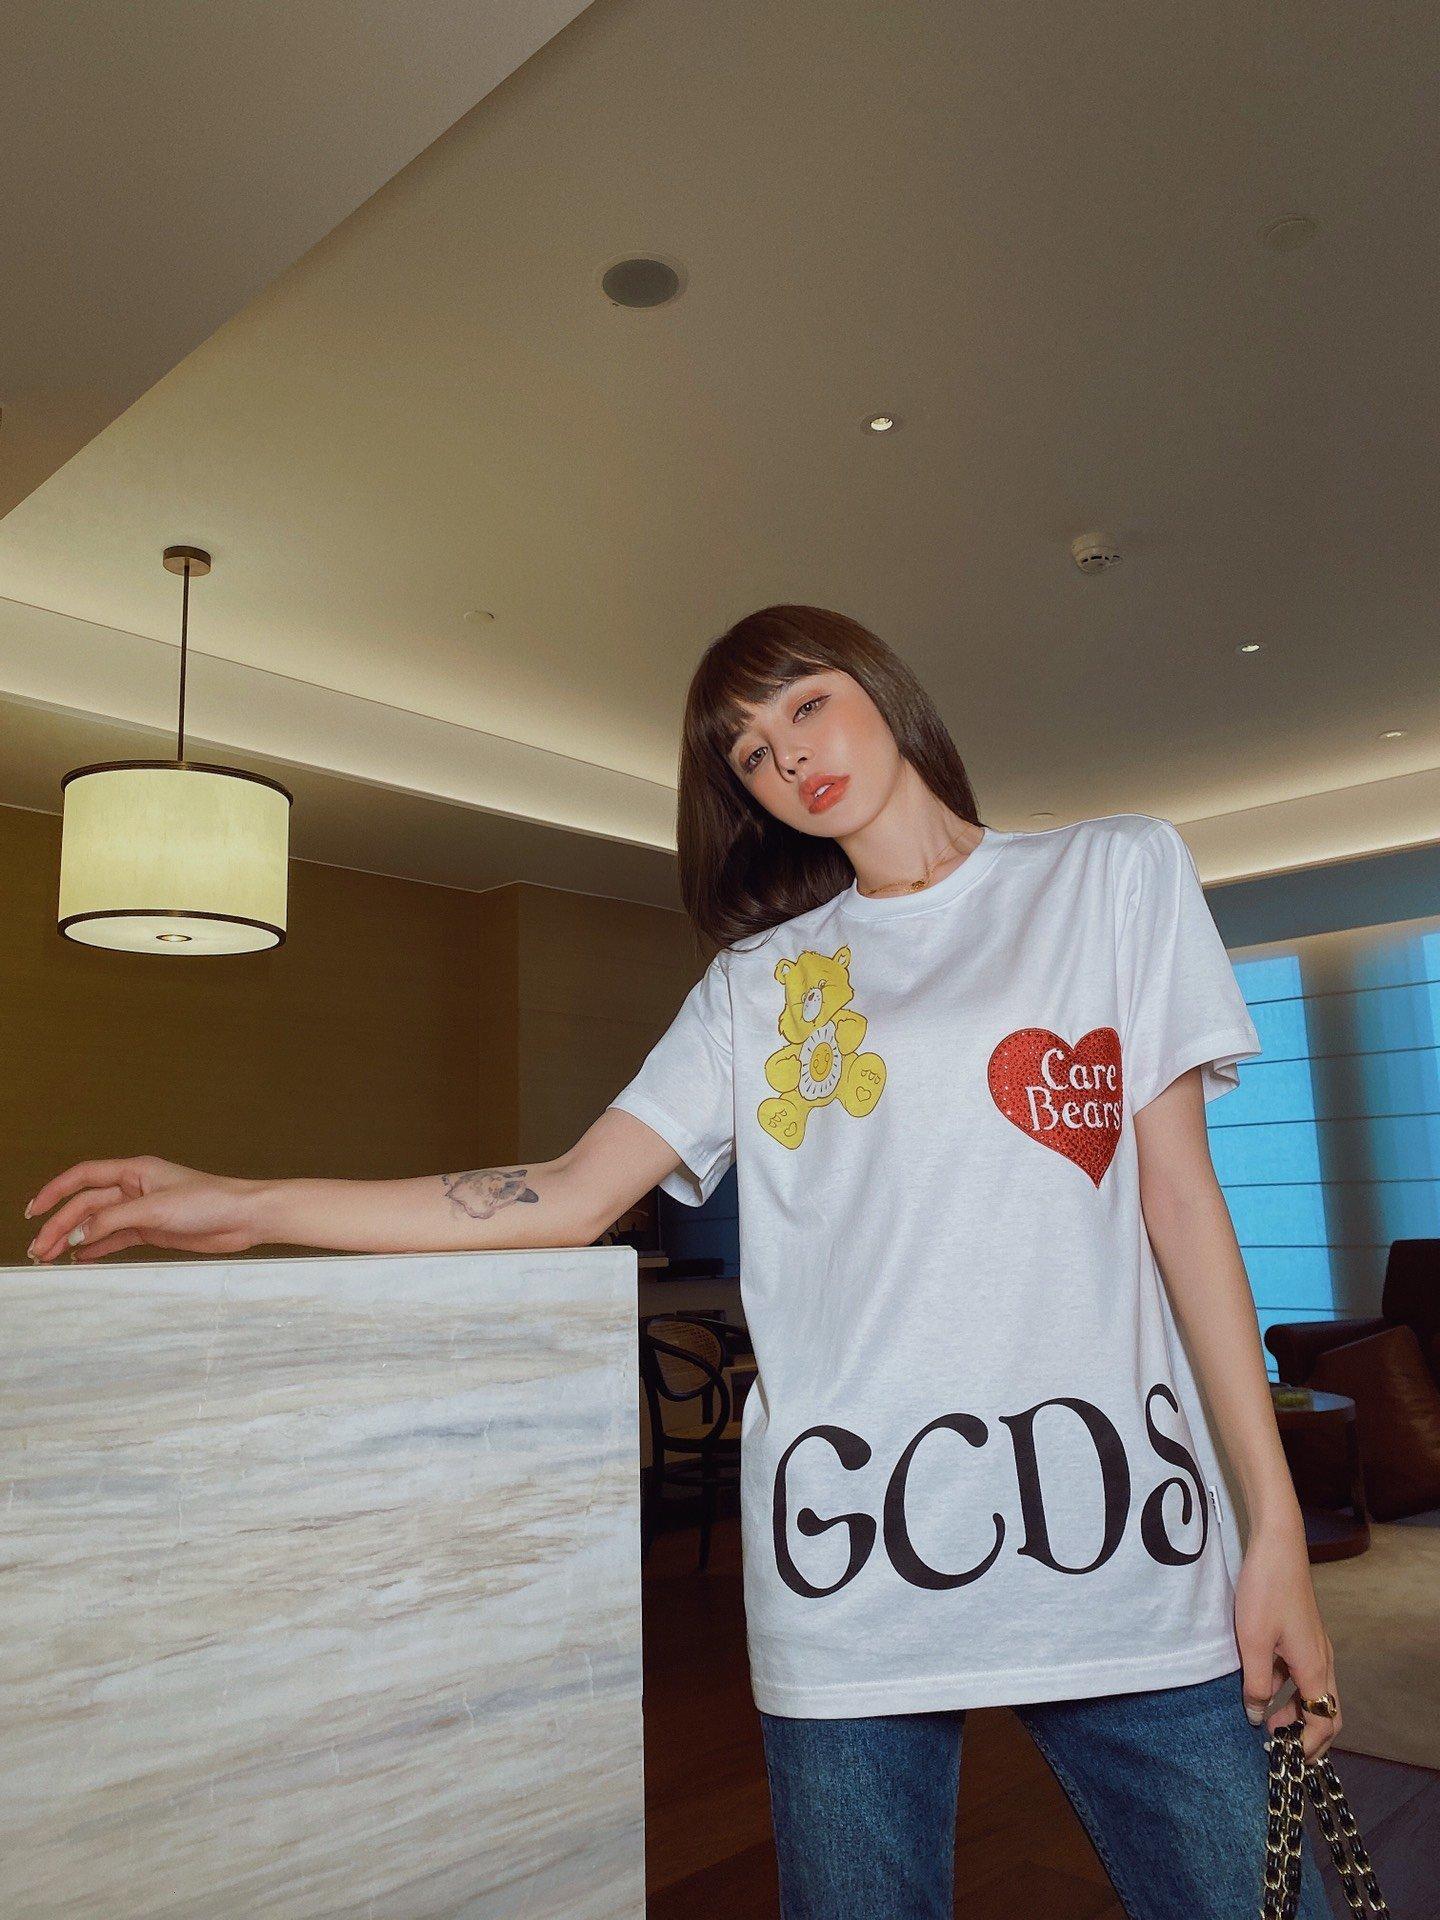 Tasarımcı kadın giysileri bluzlar kadınların yaz iyi acele moda favori yeni listeleme zarif AED5 AED5 AED5